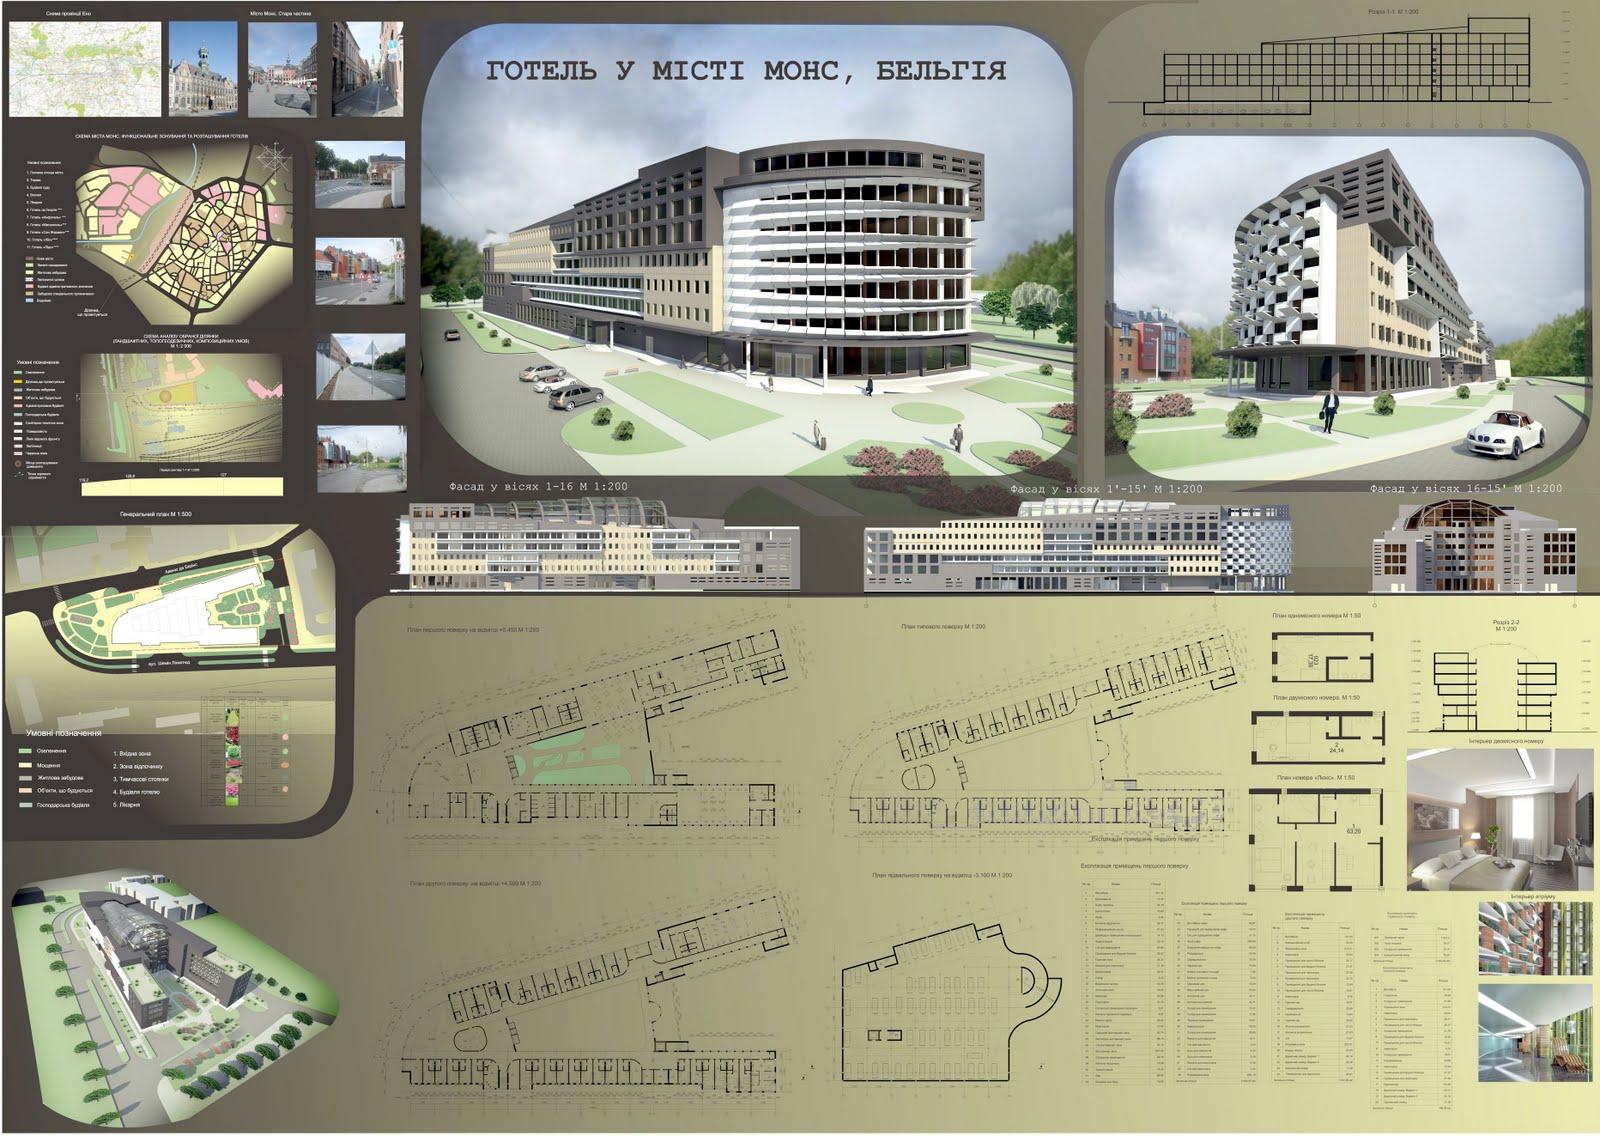 andry k Гостиница в г Монс Бельгия Дипломный проект бакалавра  Дипломный проект бакалавра архитектуры Н Беспалая 2011 г